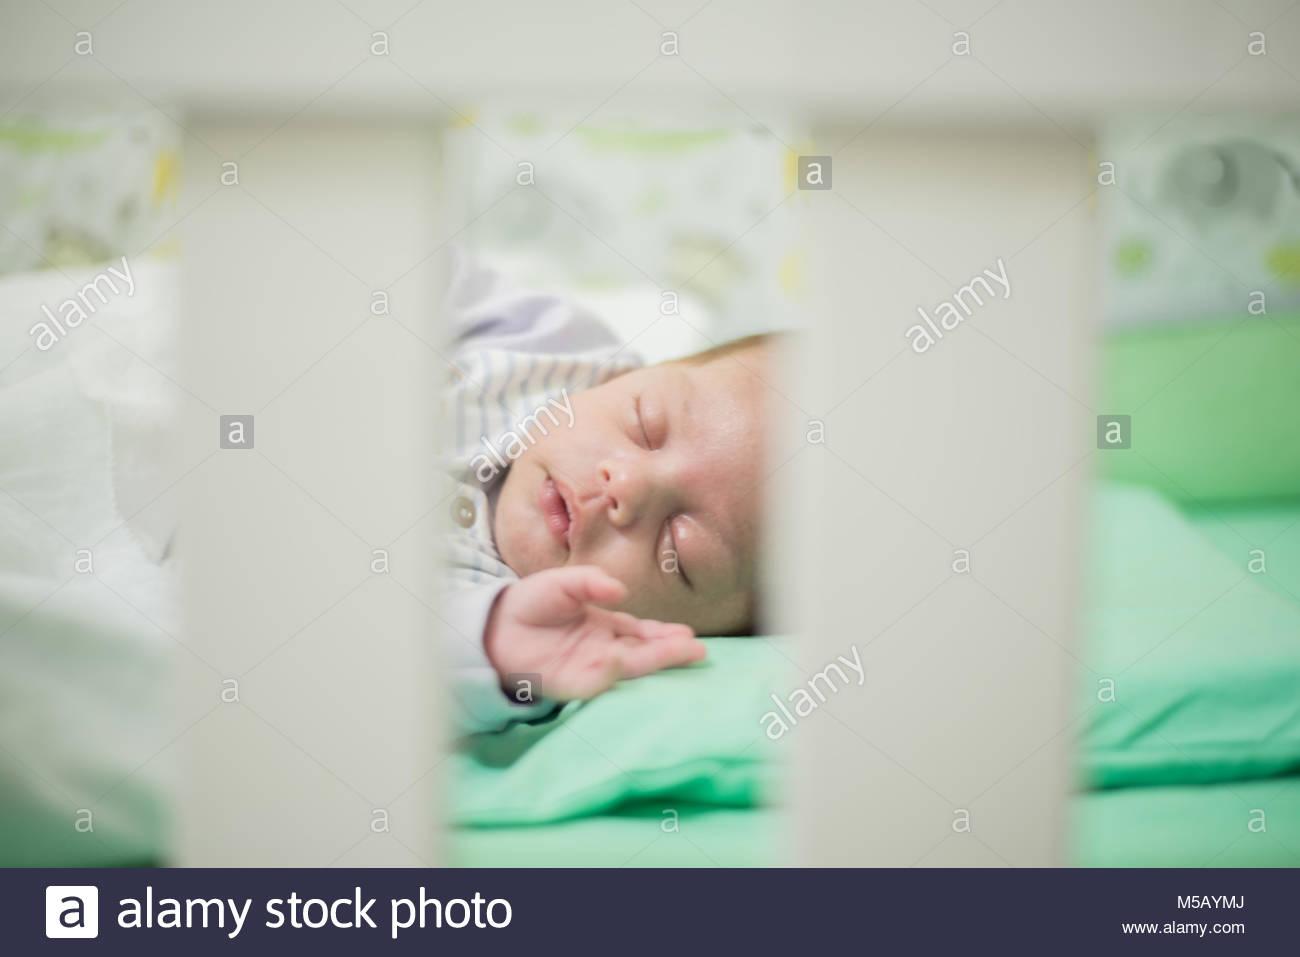 Bébé garçon endormi dans lit bébé - libre Photo Stock